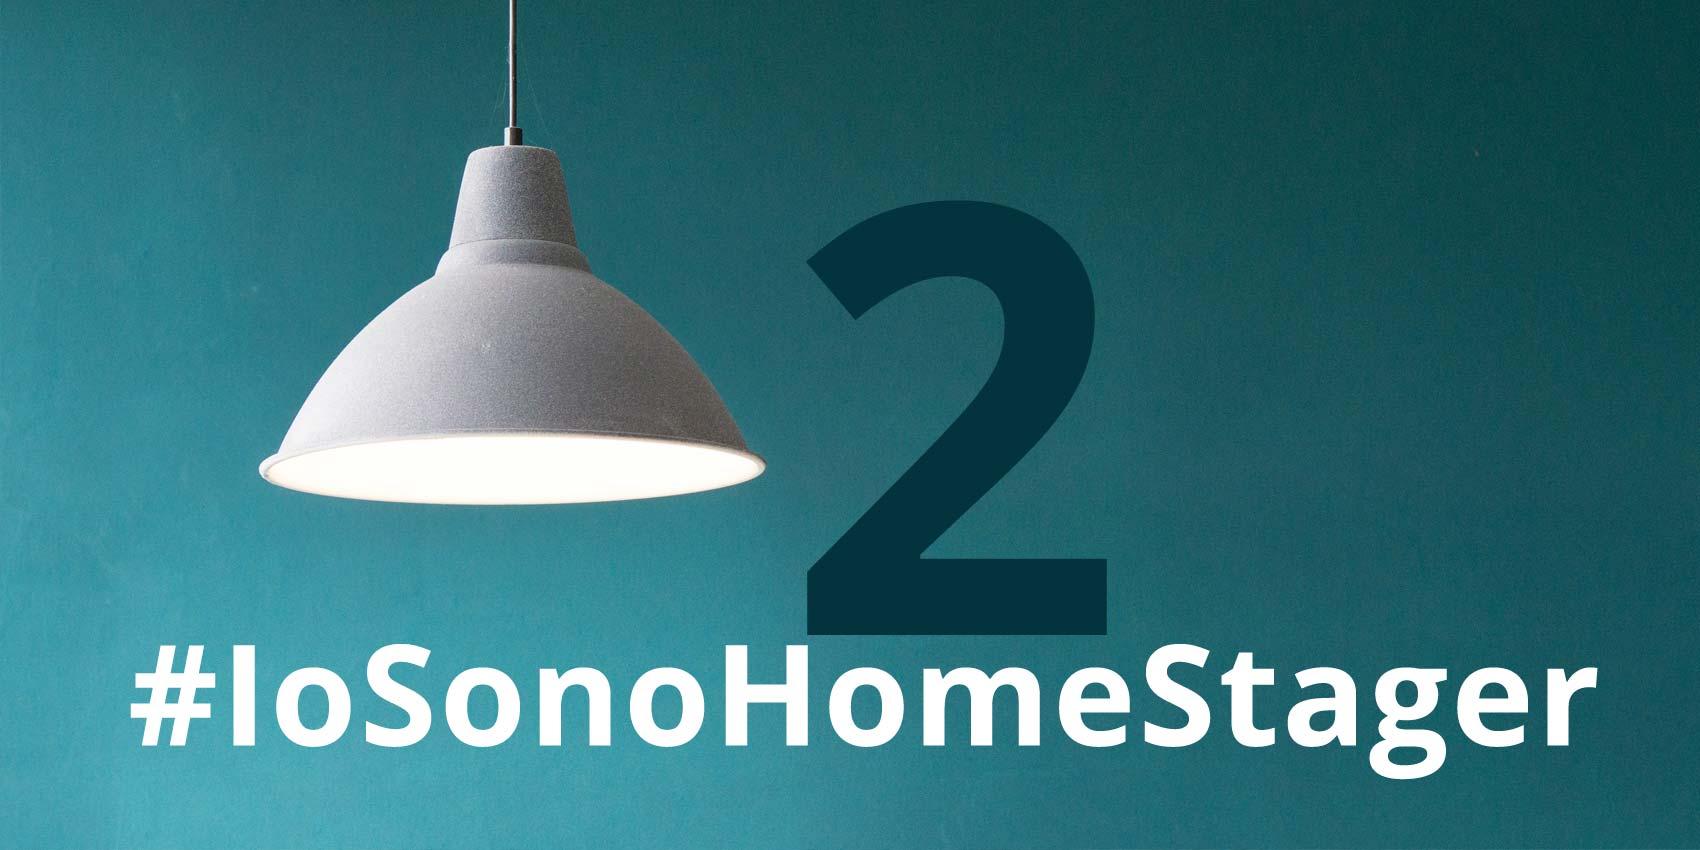 io sono home stager campagna social #IosonoHomeStager